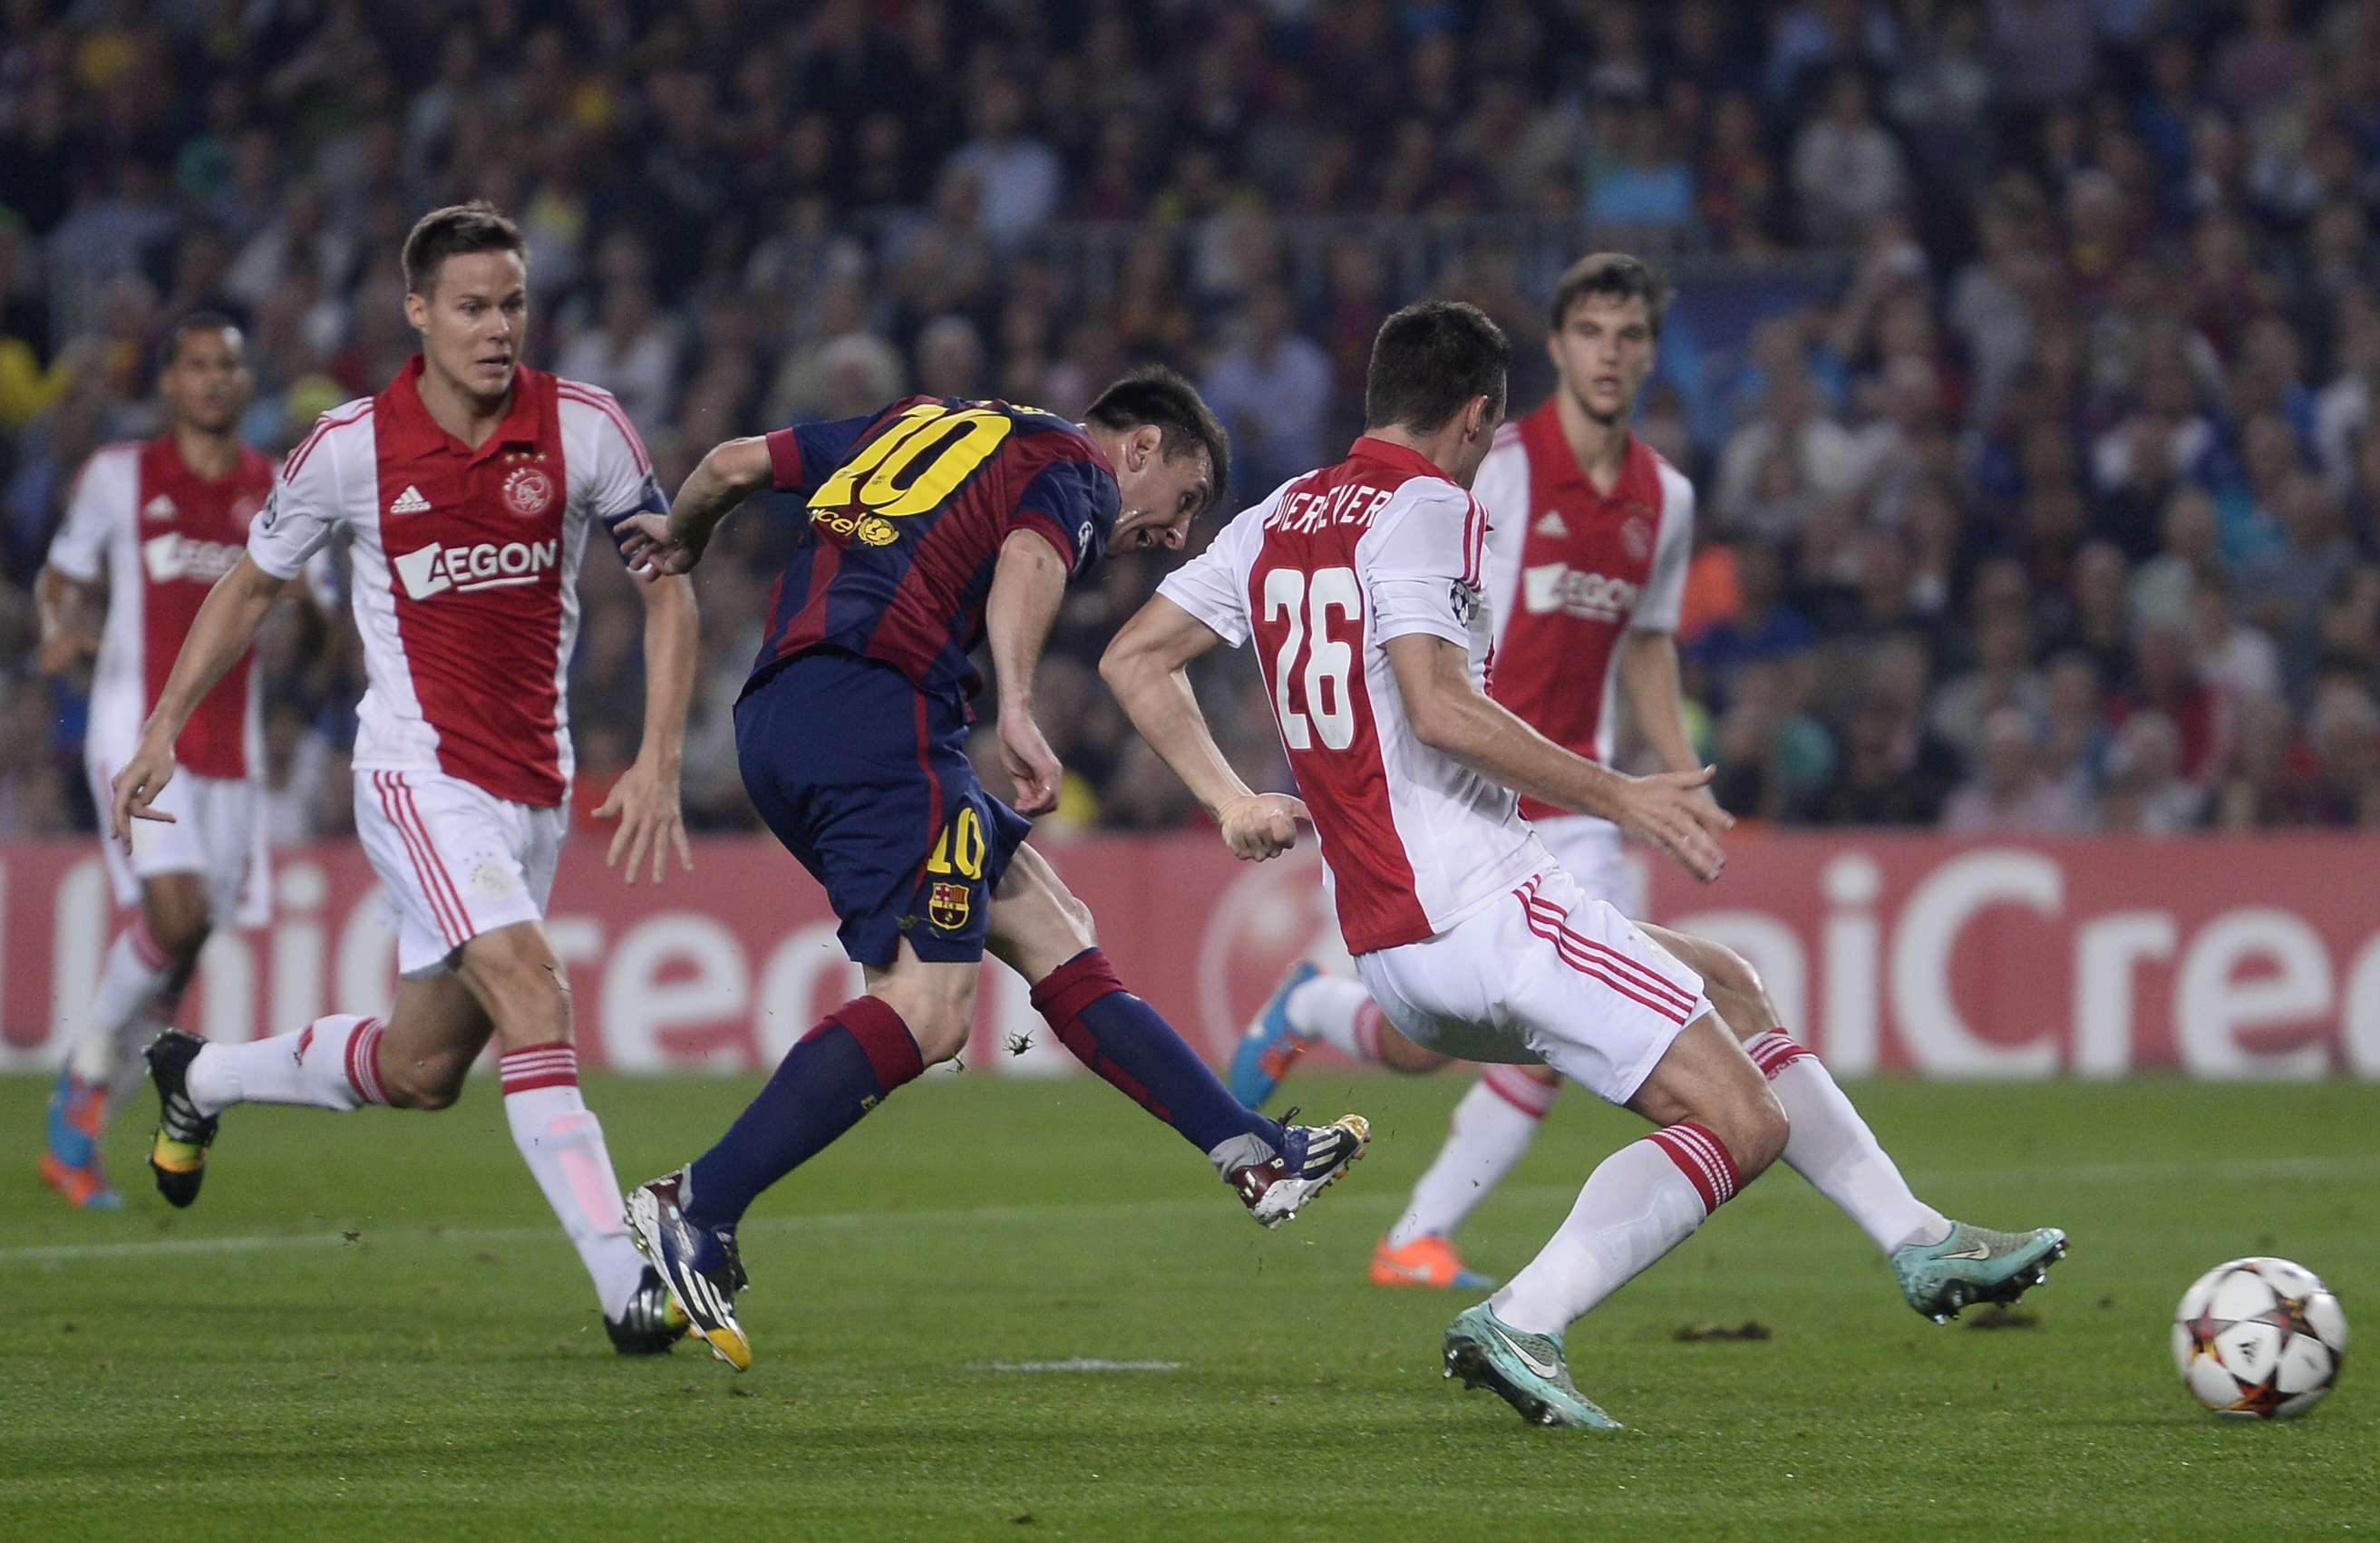 Mesmo cercado por rivais, Lionel Messi consegue arremate em duelo pelo Grupo F Foto: Manu Fernandez/AP